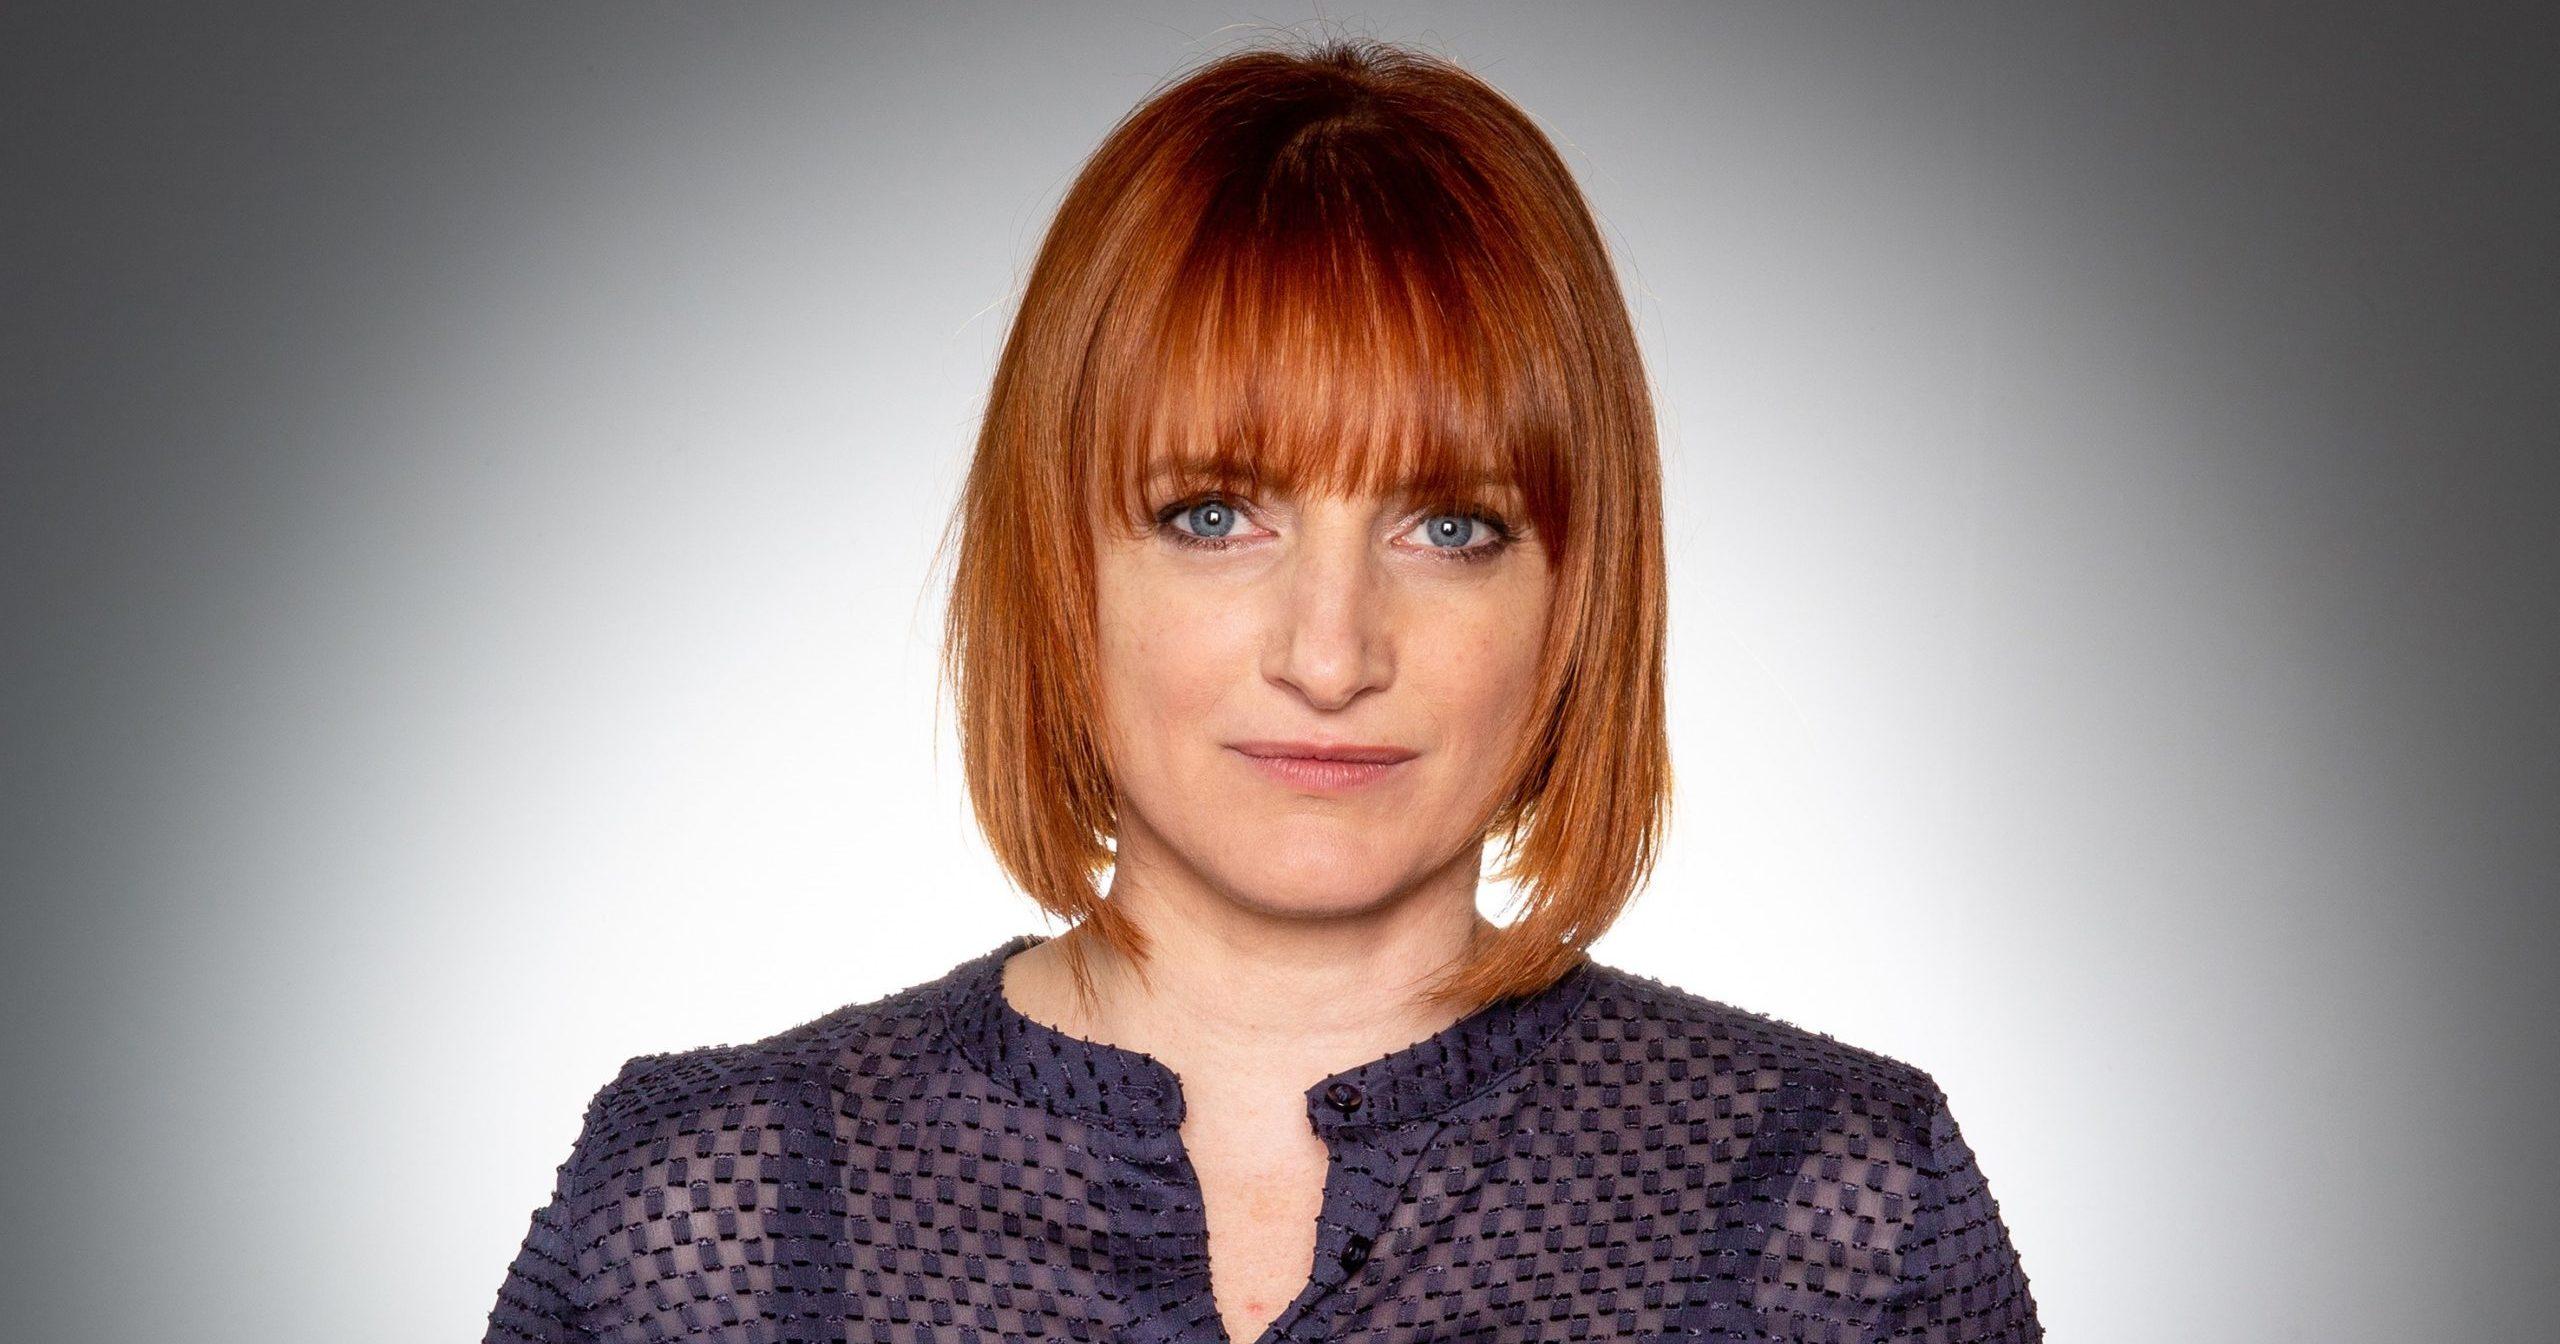 Emmerdale star Nicola Wheeler didn't wash her hair for seven weeks in lockdown